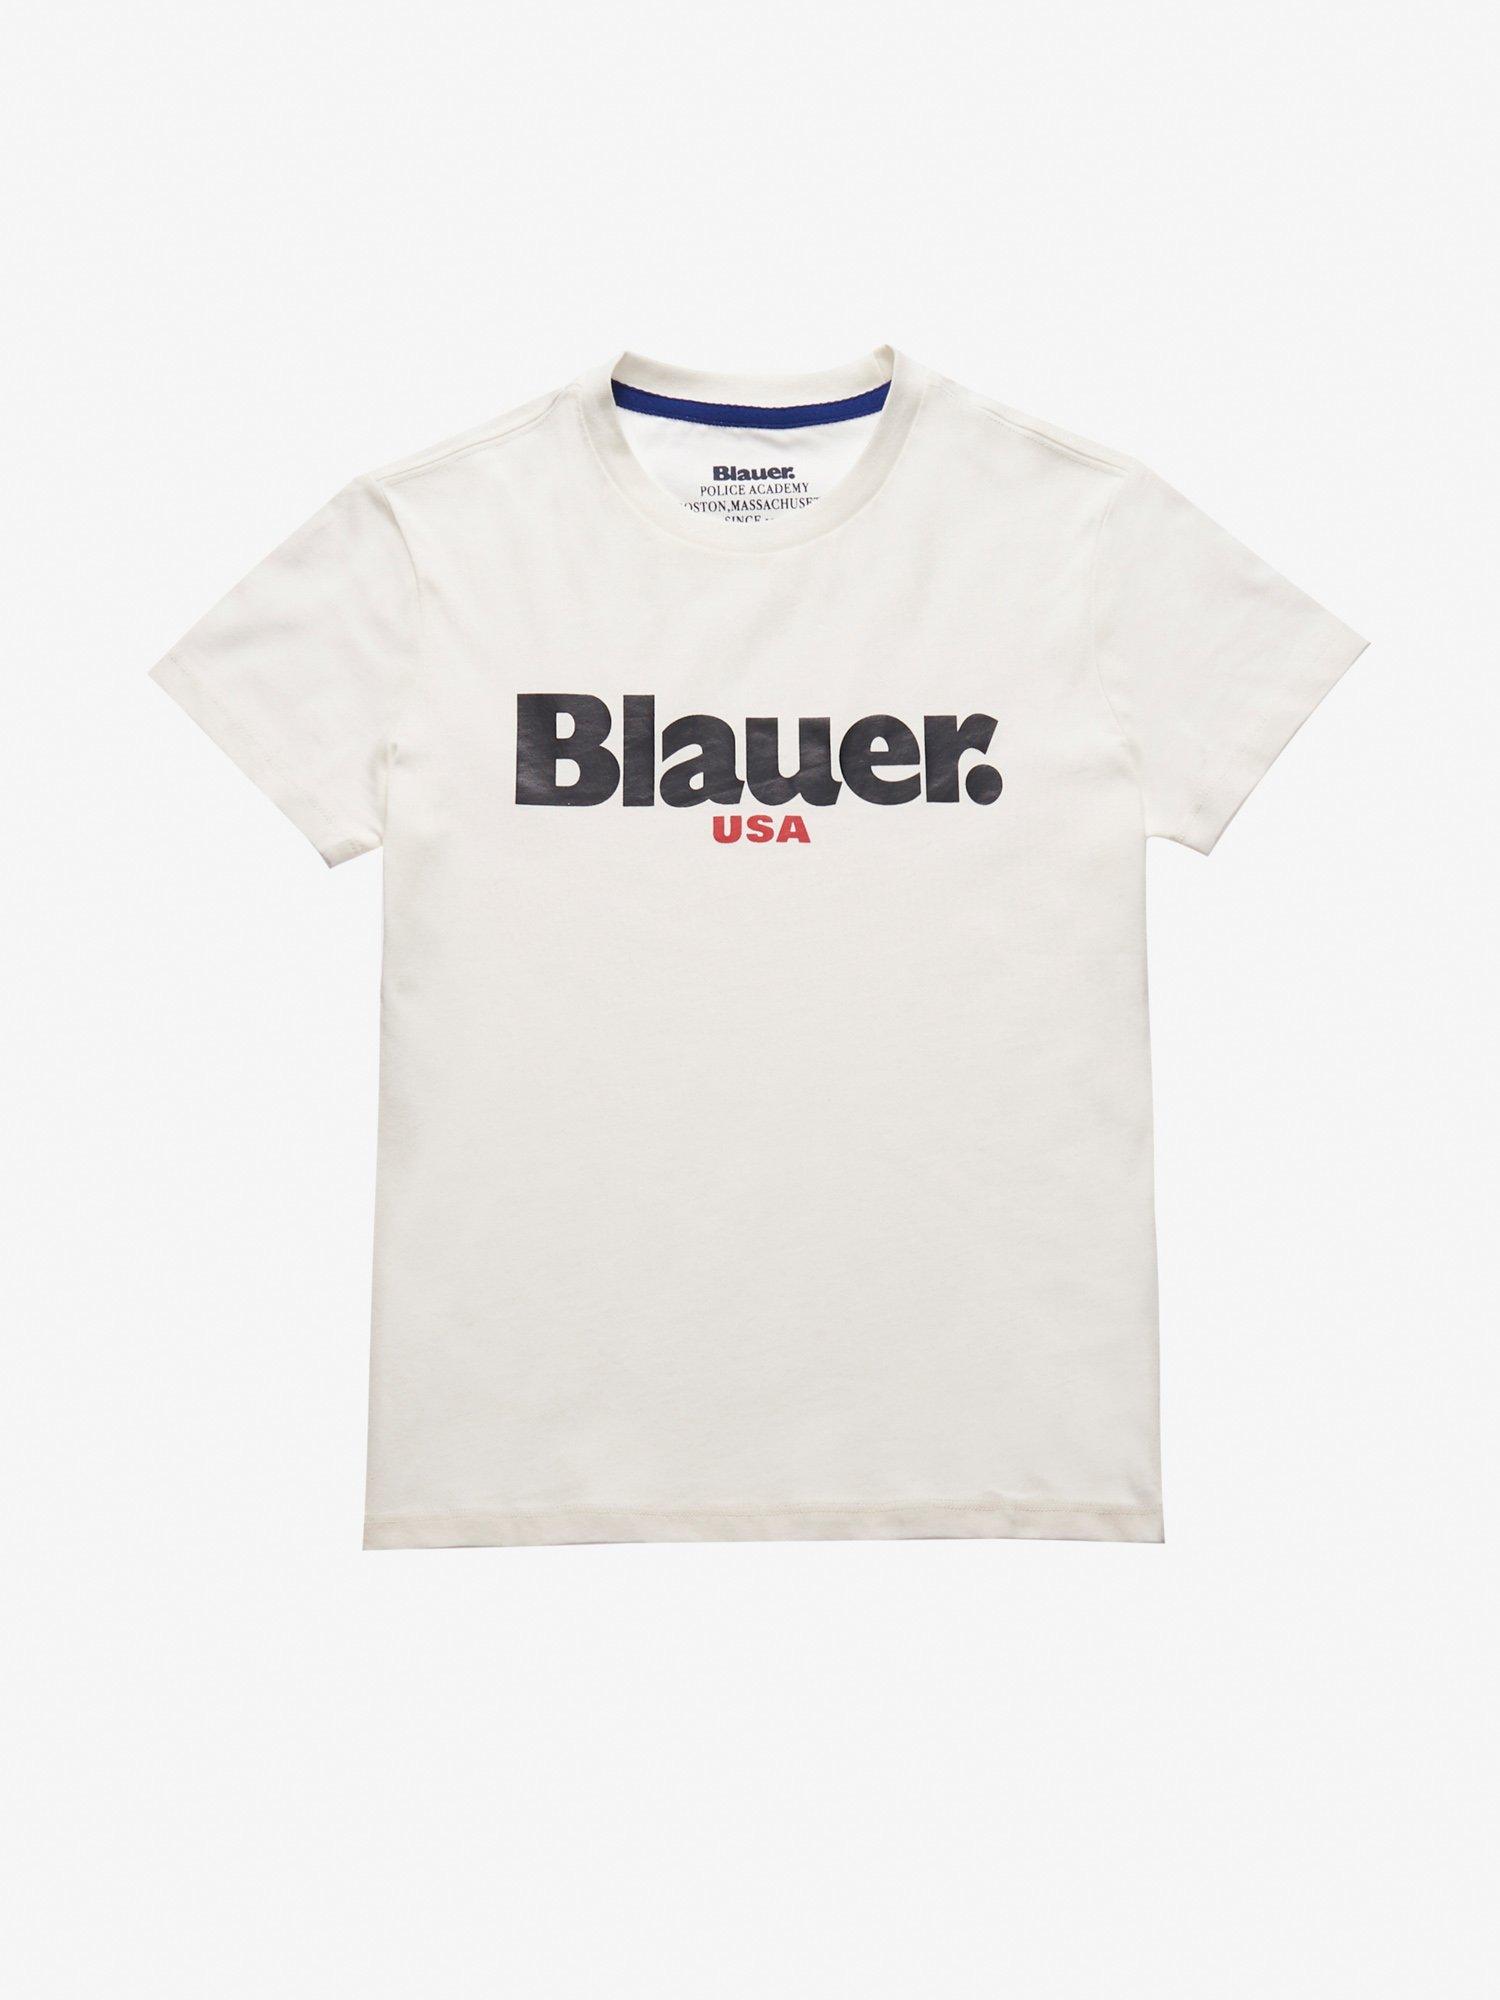 Blauer - CAMISETA JUNIOR BLAUER USA - Marfil - Blauer